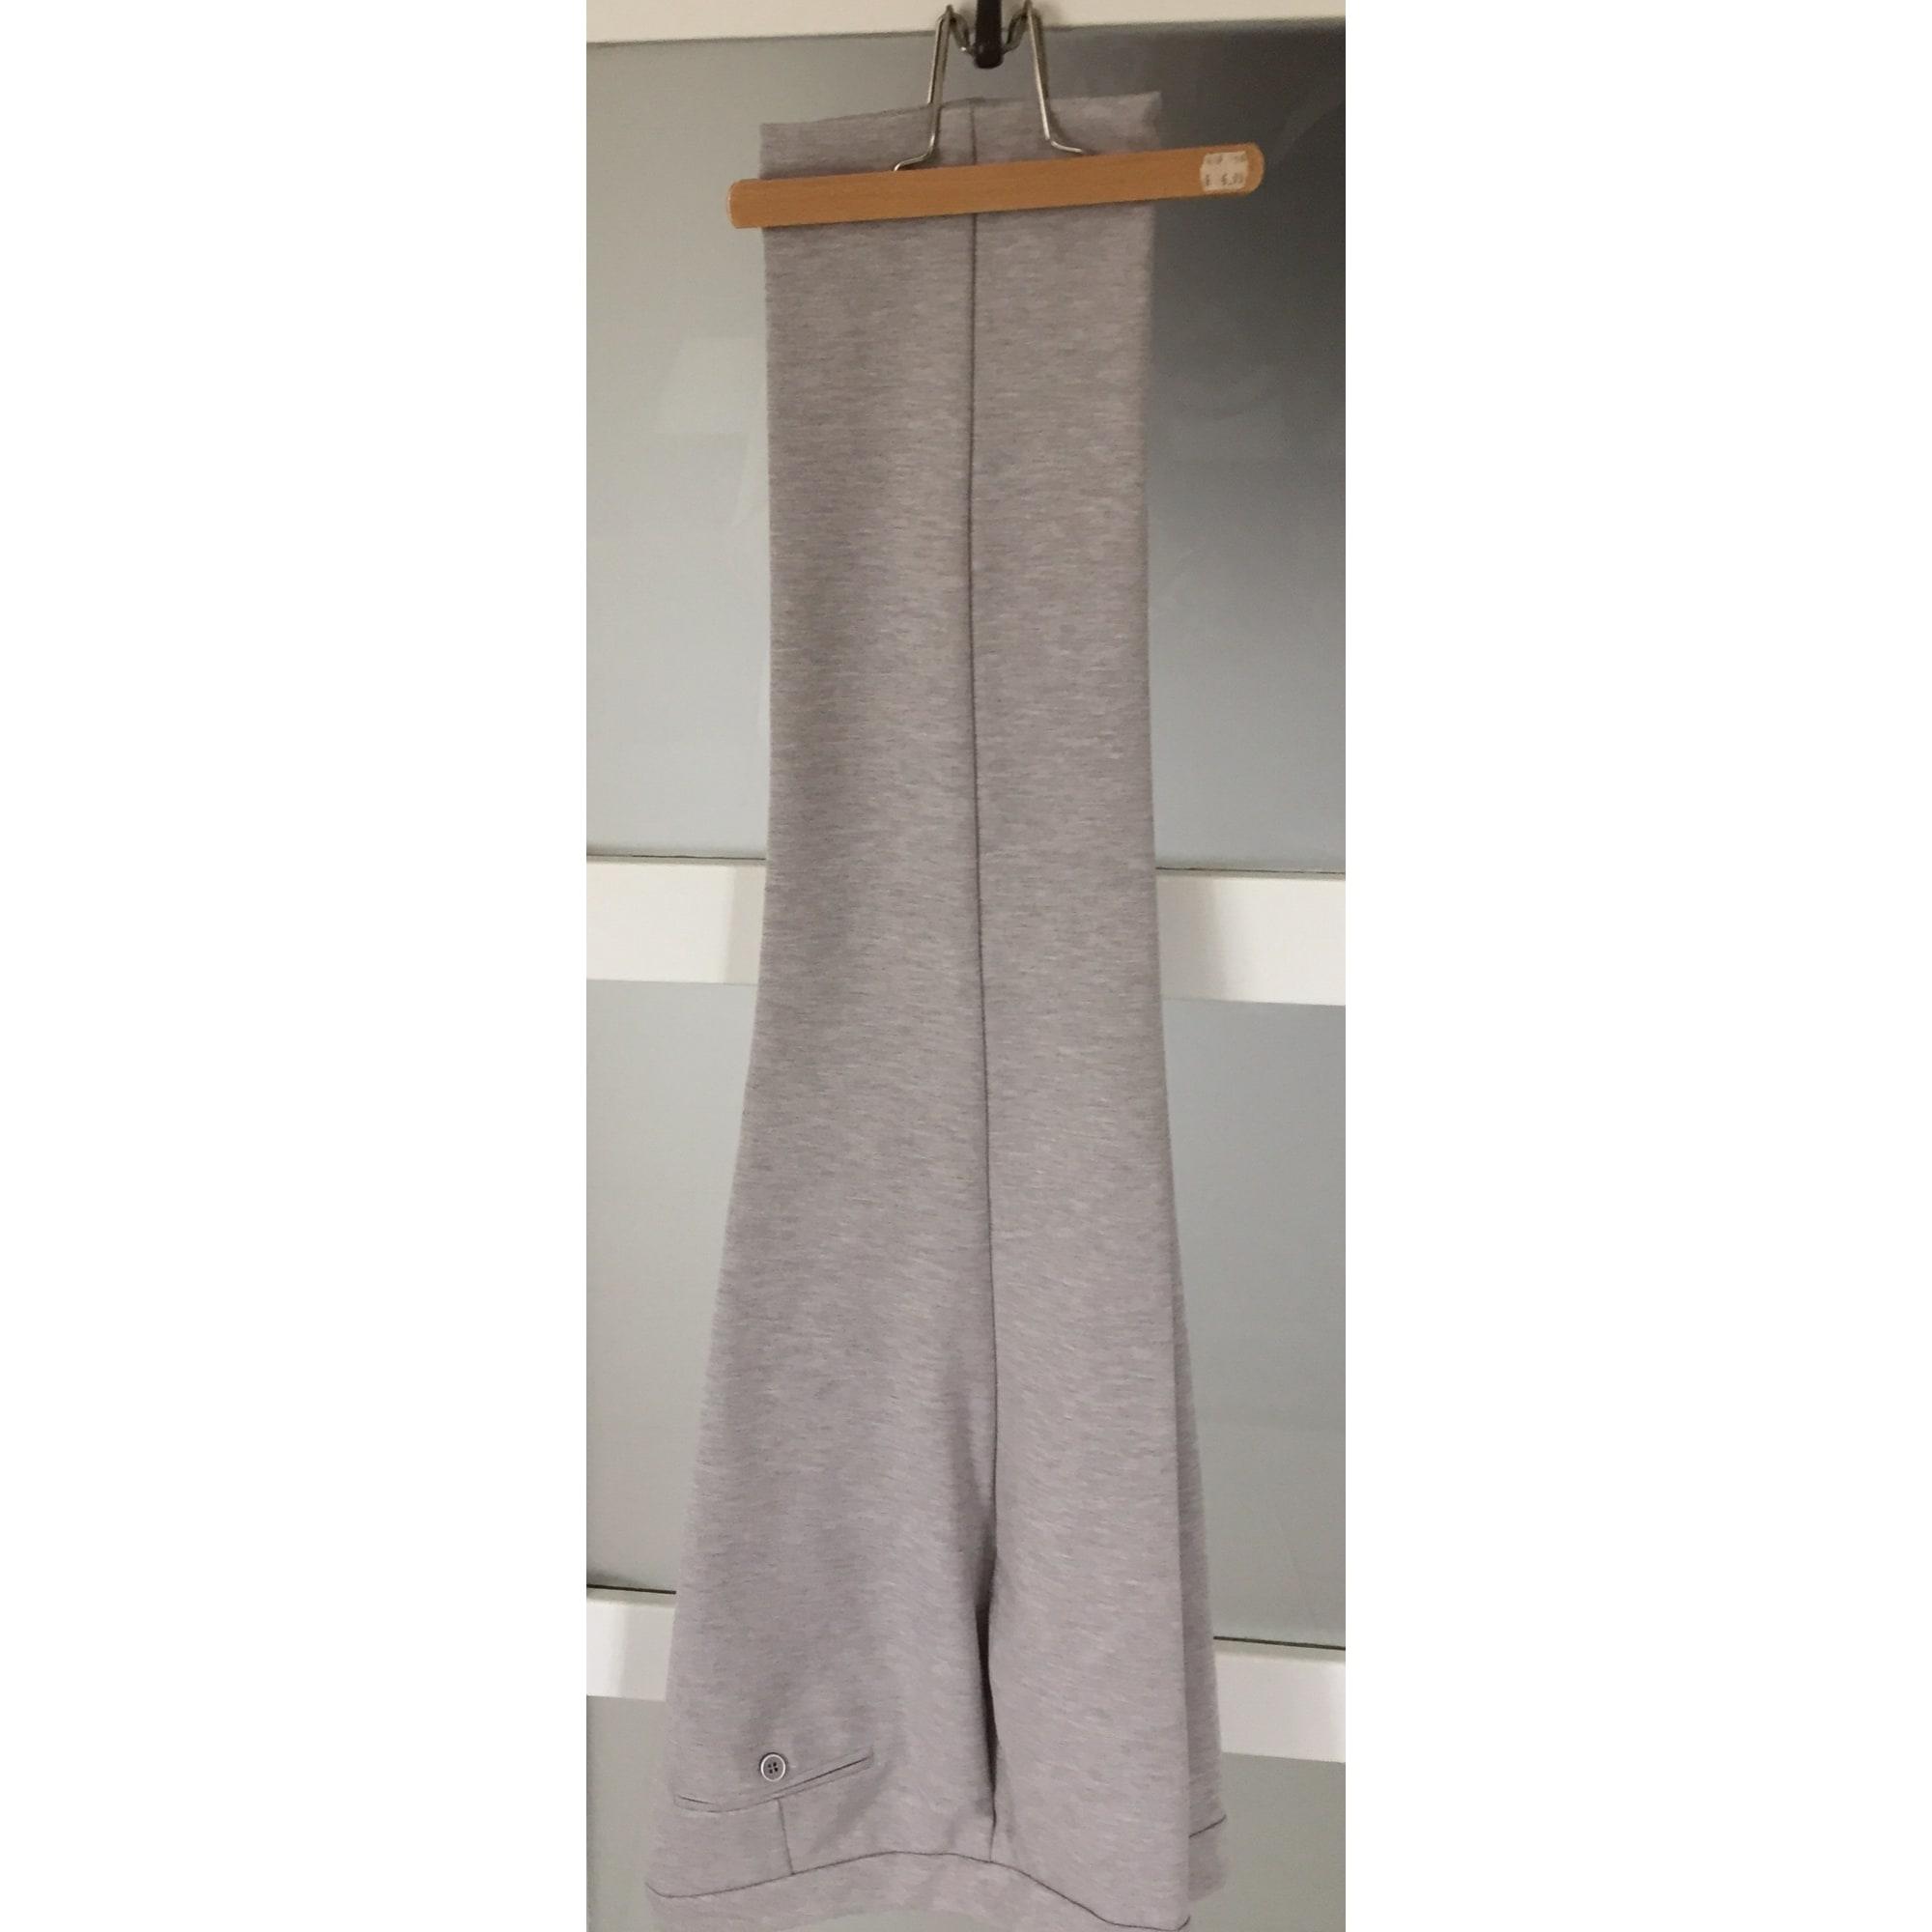 Pantalon droit PETER HAHN Gris, anthracite